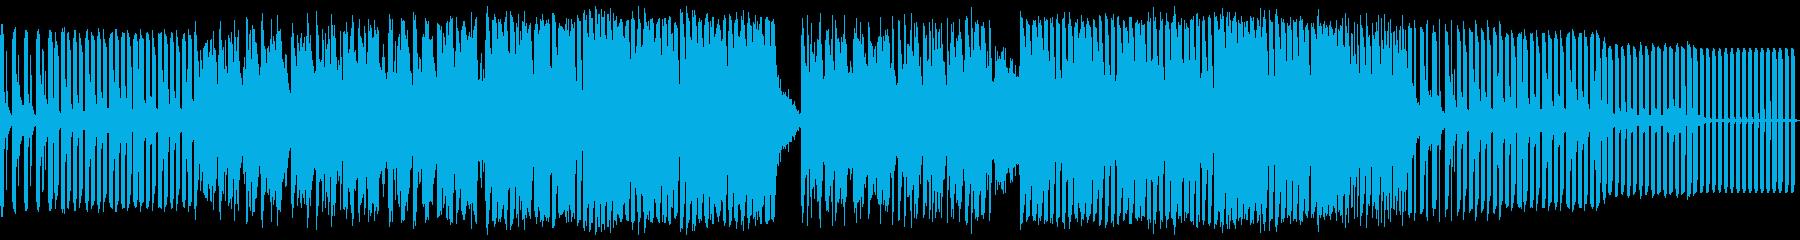 テクノ。フィルター溝。繰り返します...の再生済みの波形